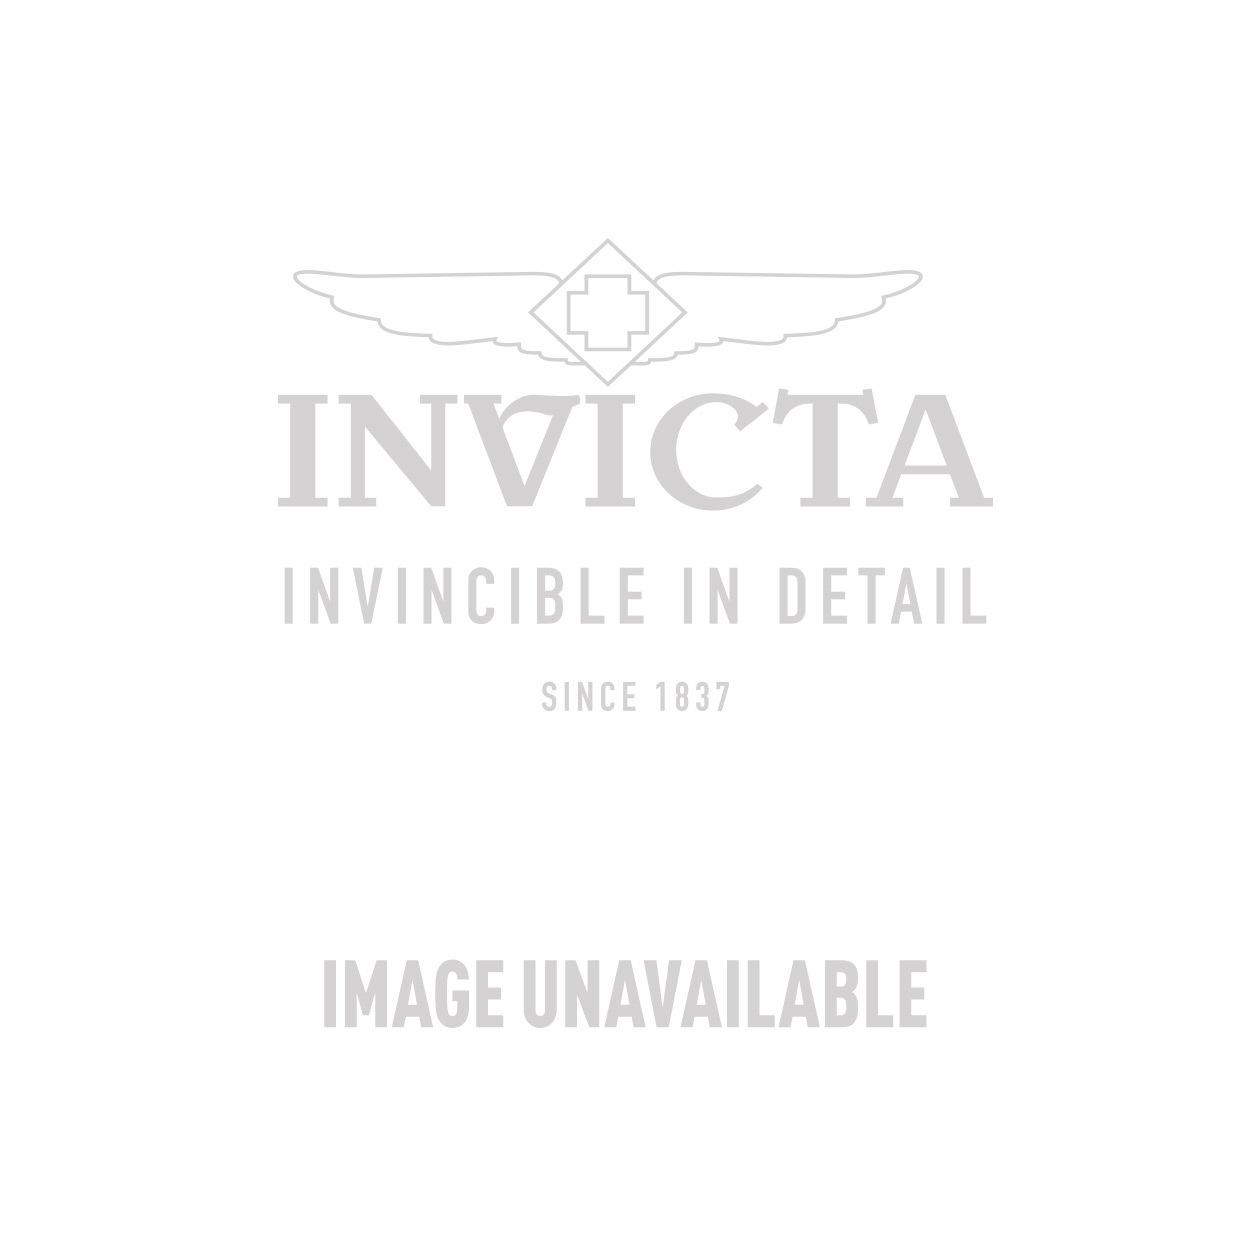 Invicta Model 28373